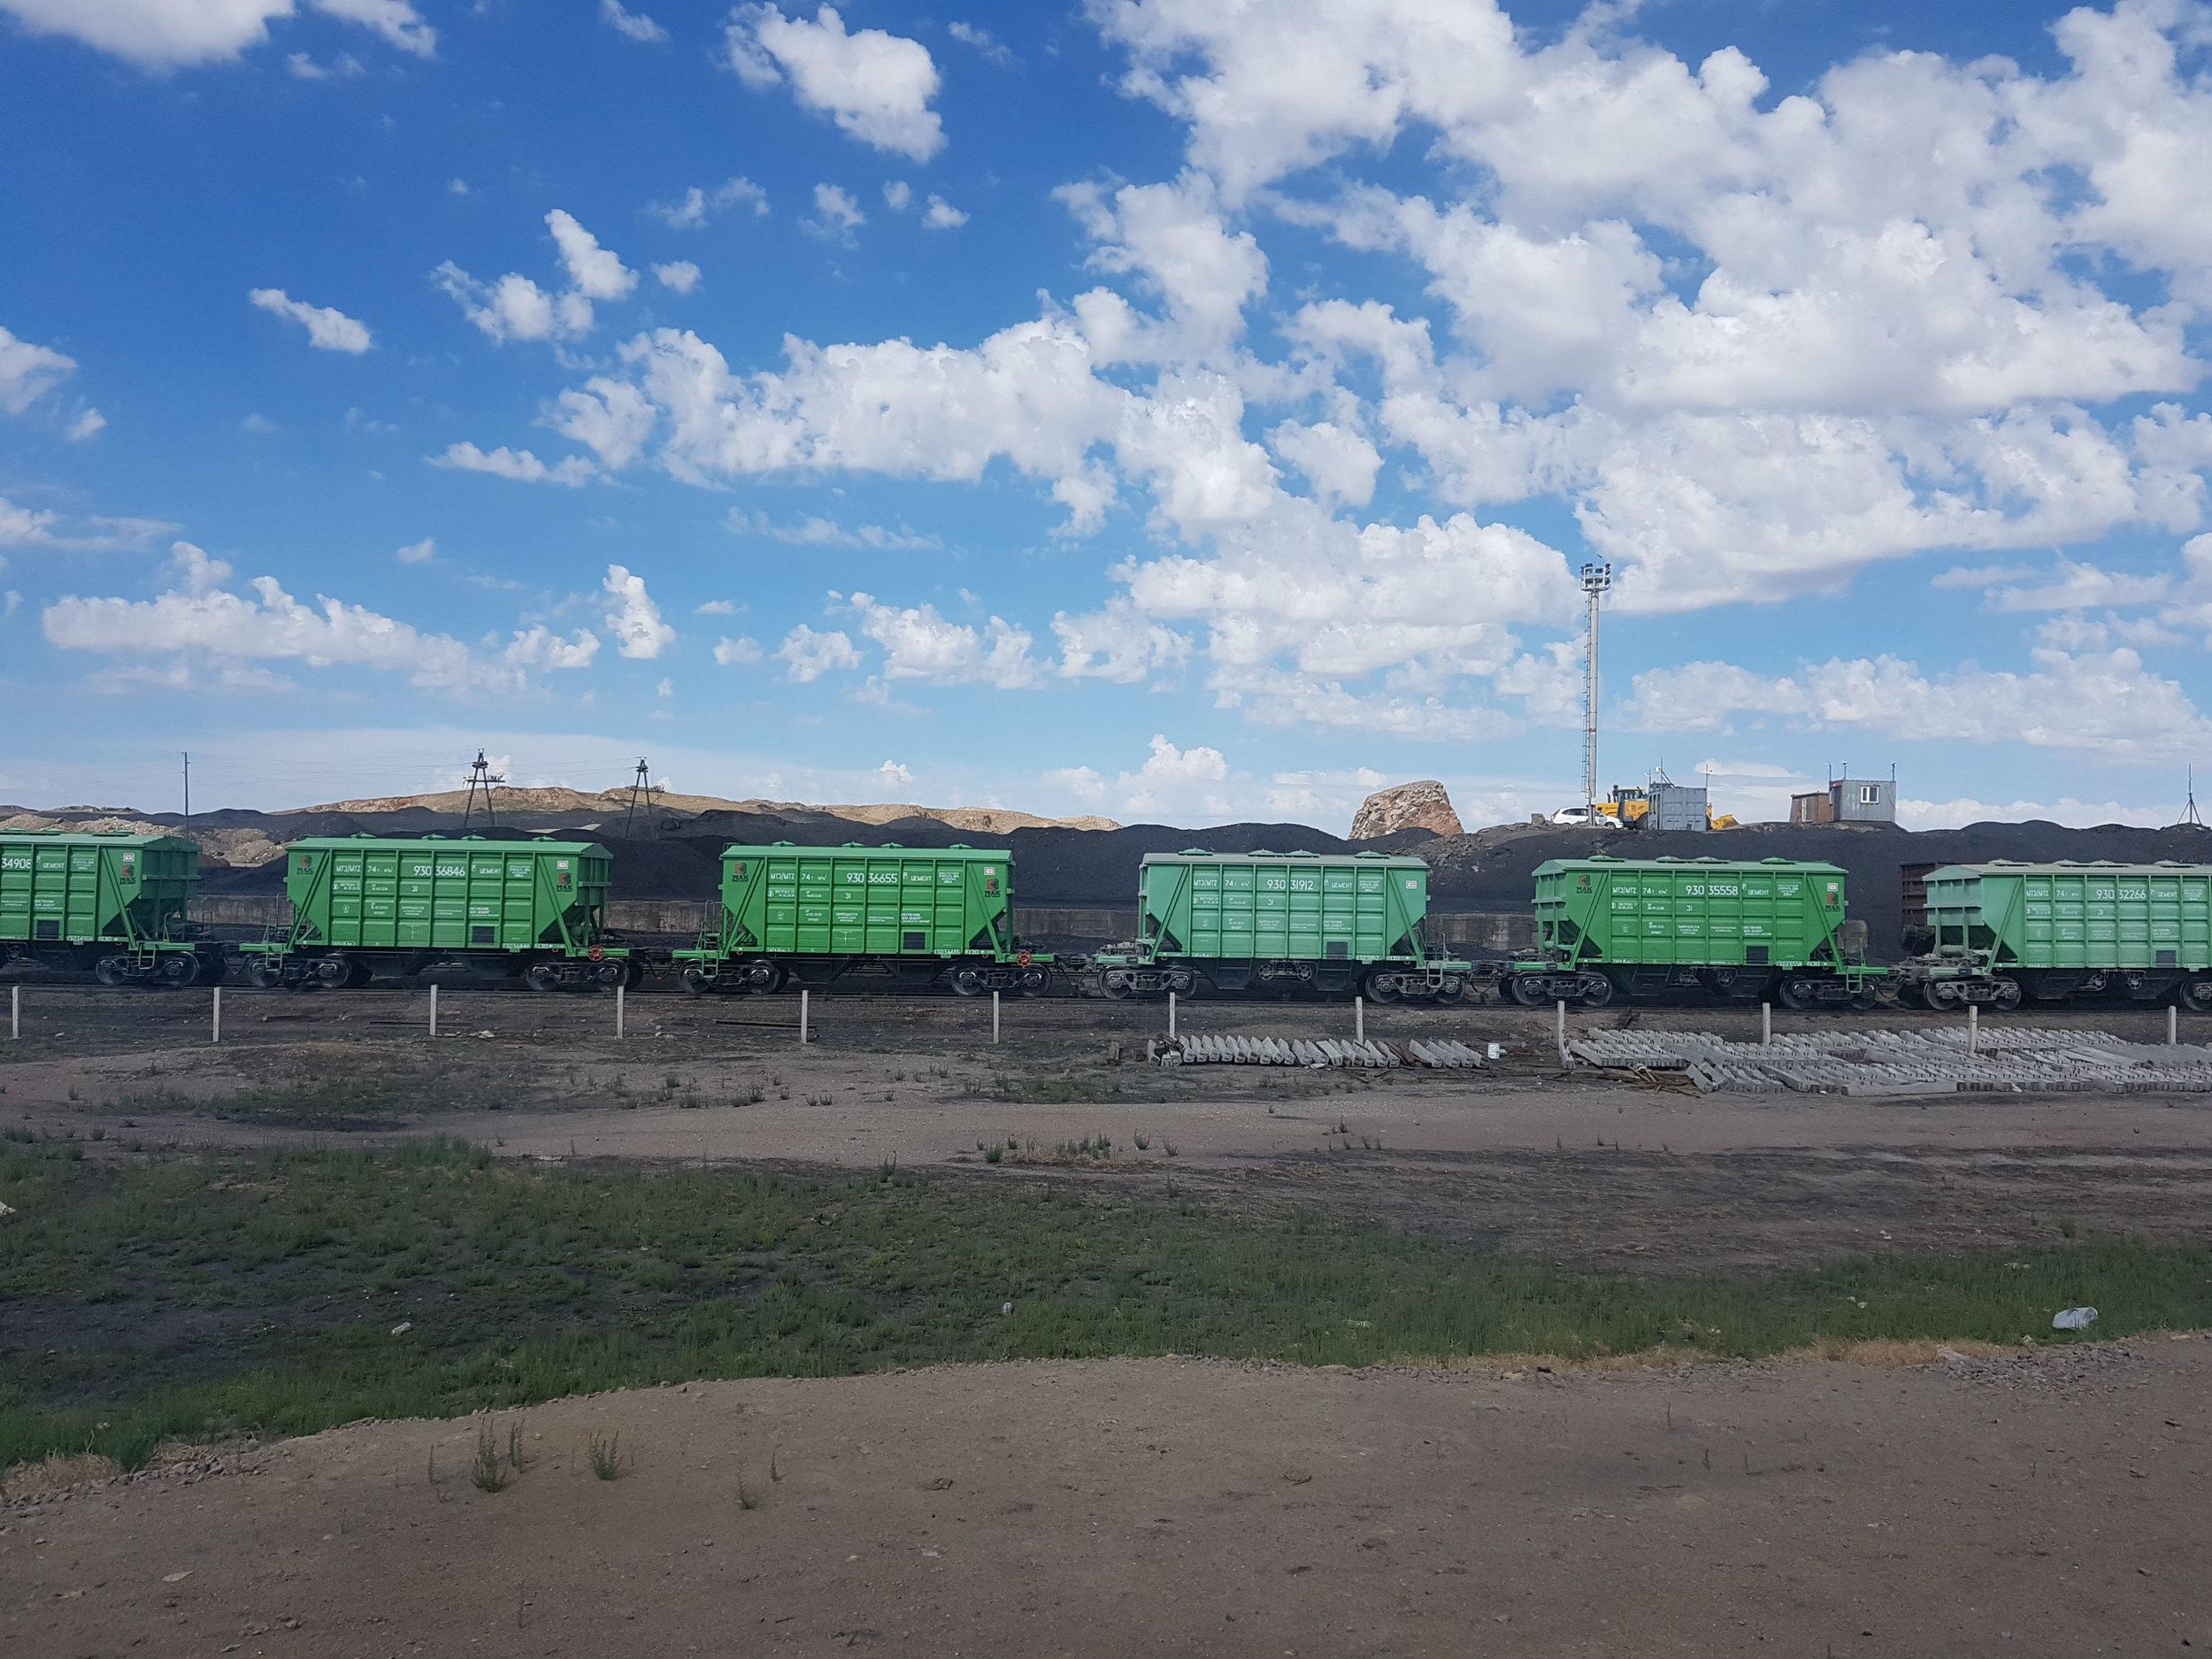 Coal trains in the Gobi Desert